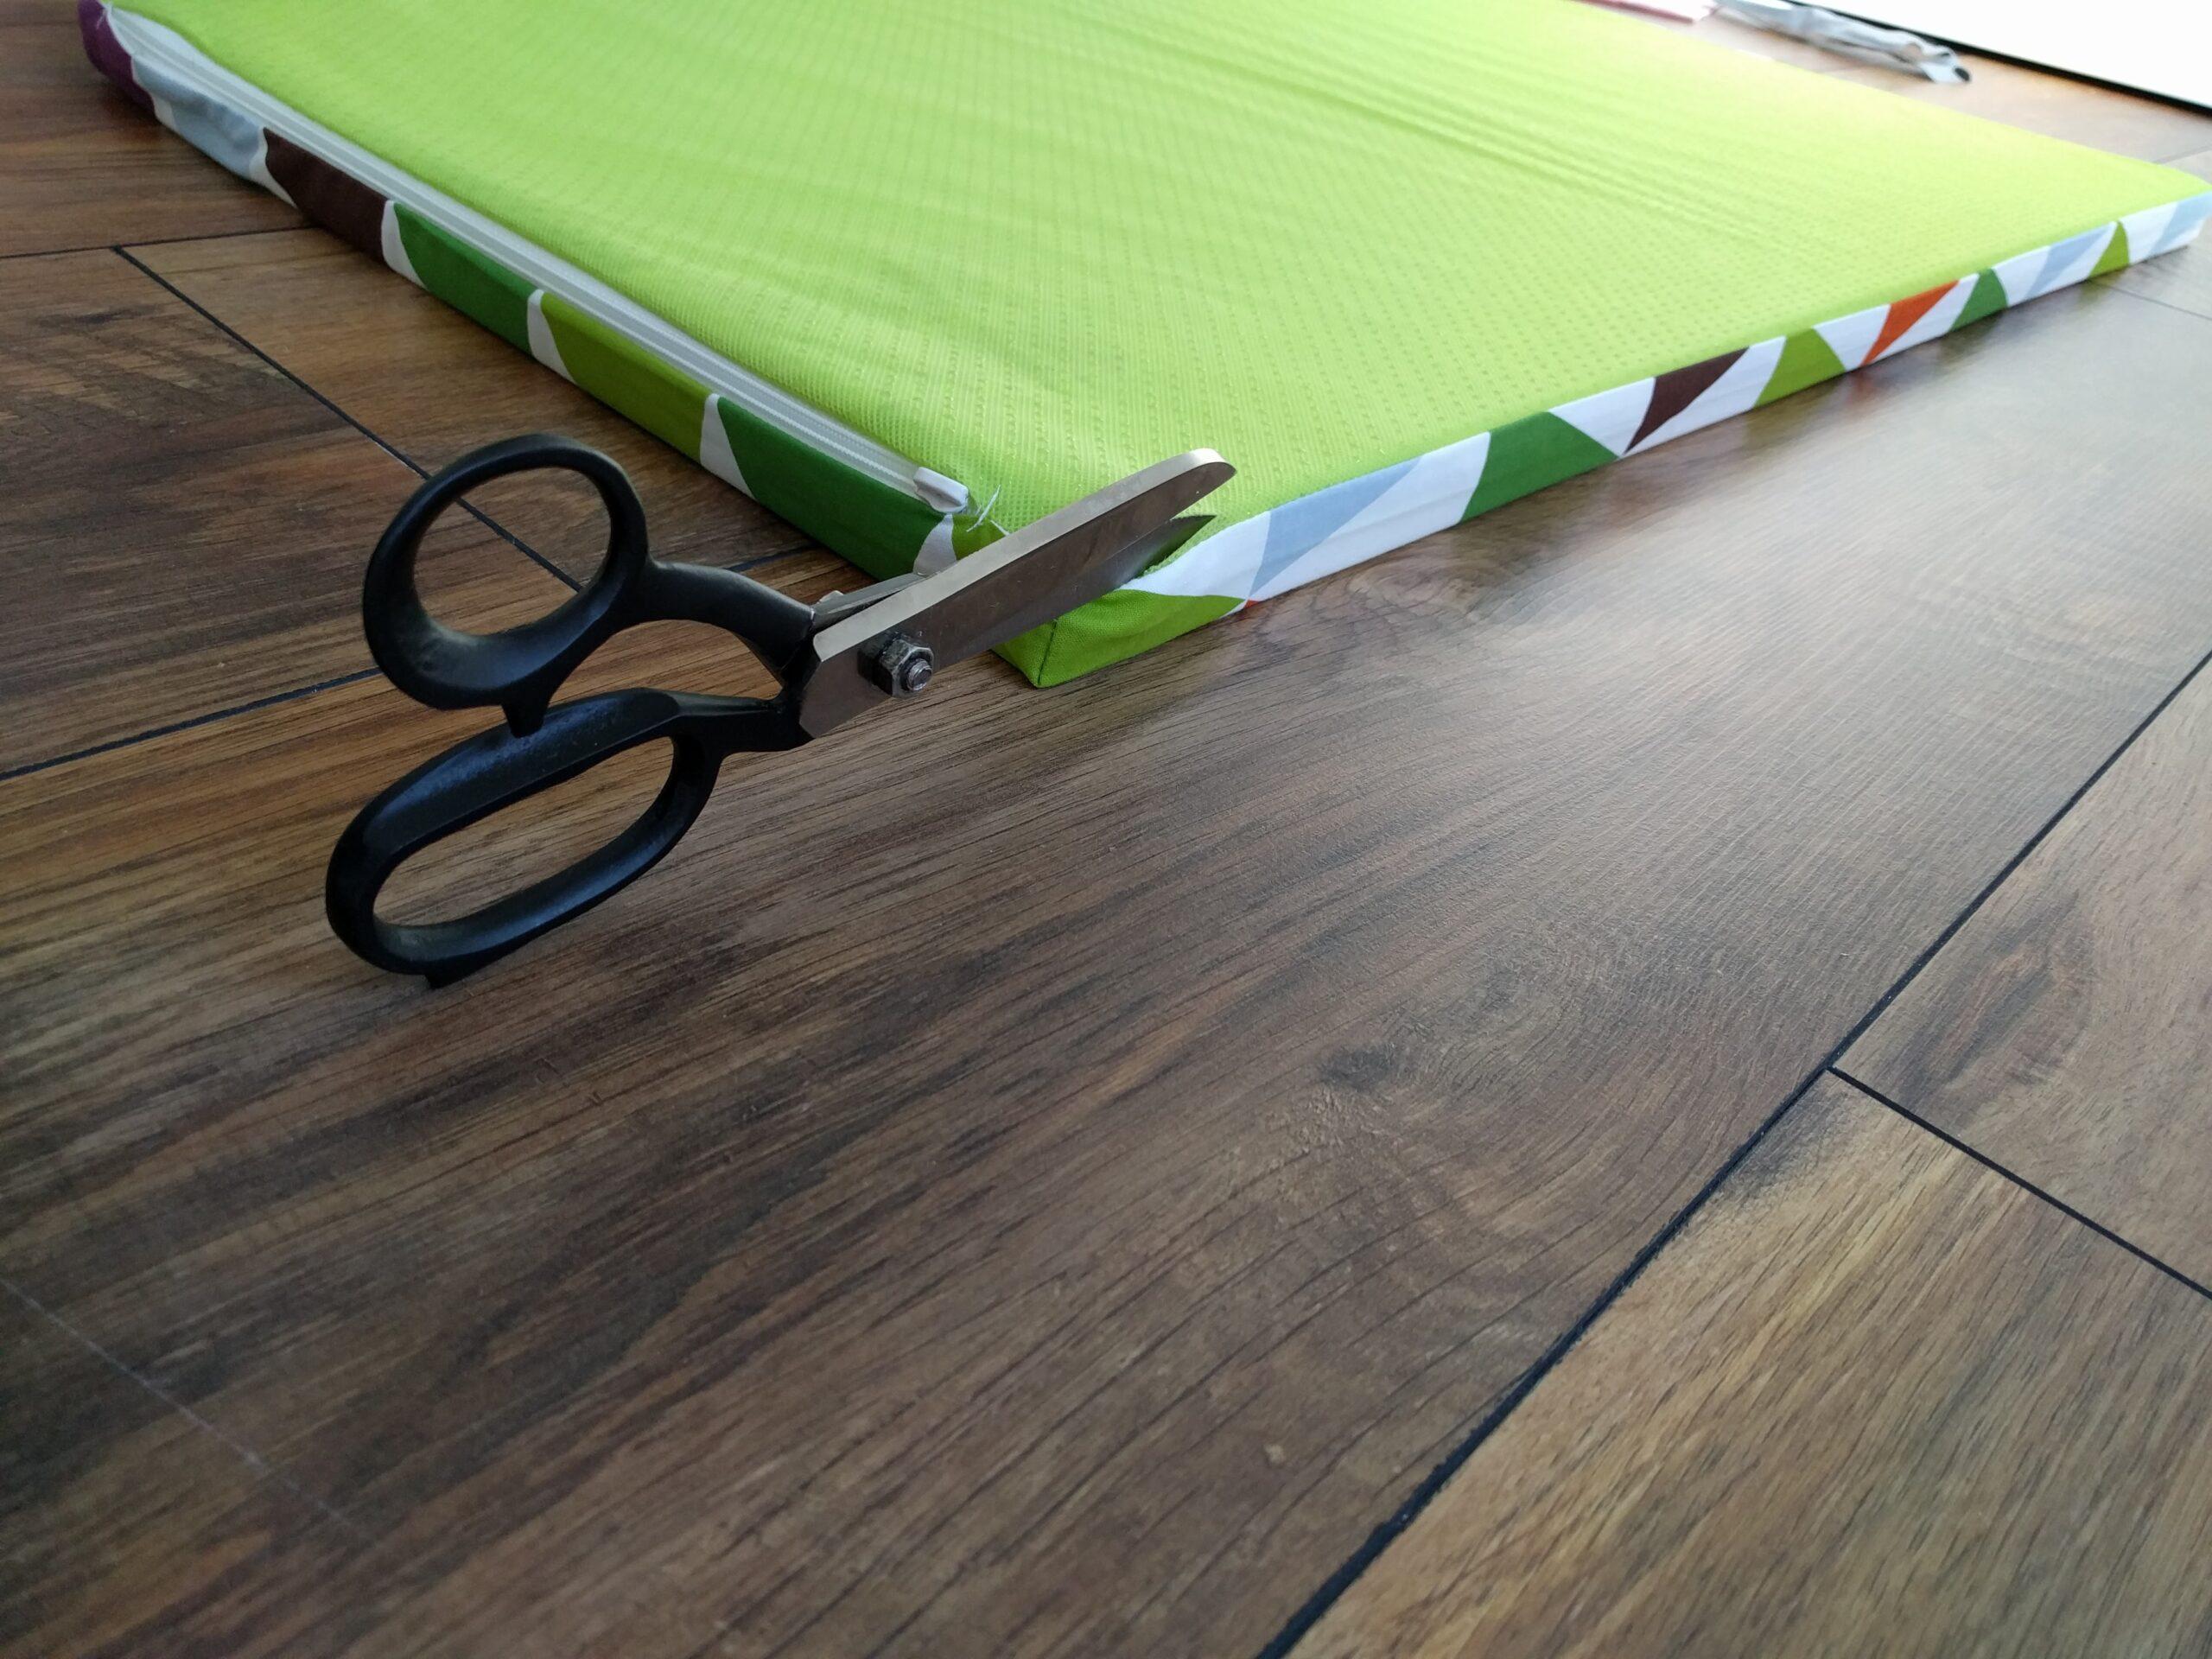 Full Size of Diy Ikea Sitzbankauflage Vissla Im Neuen Design Sitzbank Küche Mit Lehne Kaufen Miniküche Betten Bei Kosten 160x200 Sofa Schlaffunktion Schlafzimmer Bad Wohnzimmer Ikea Sitzbank